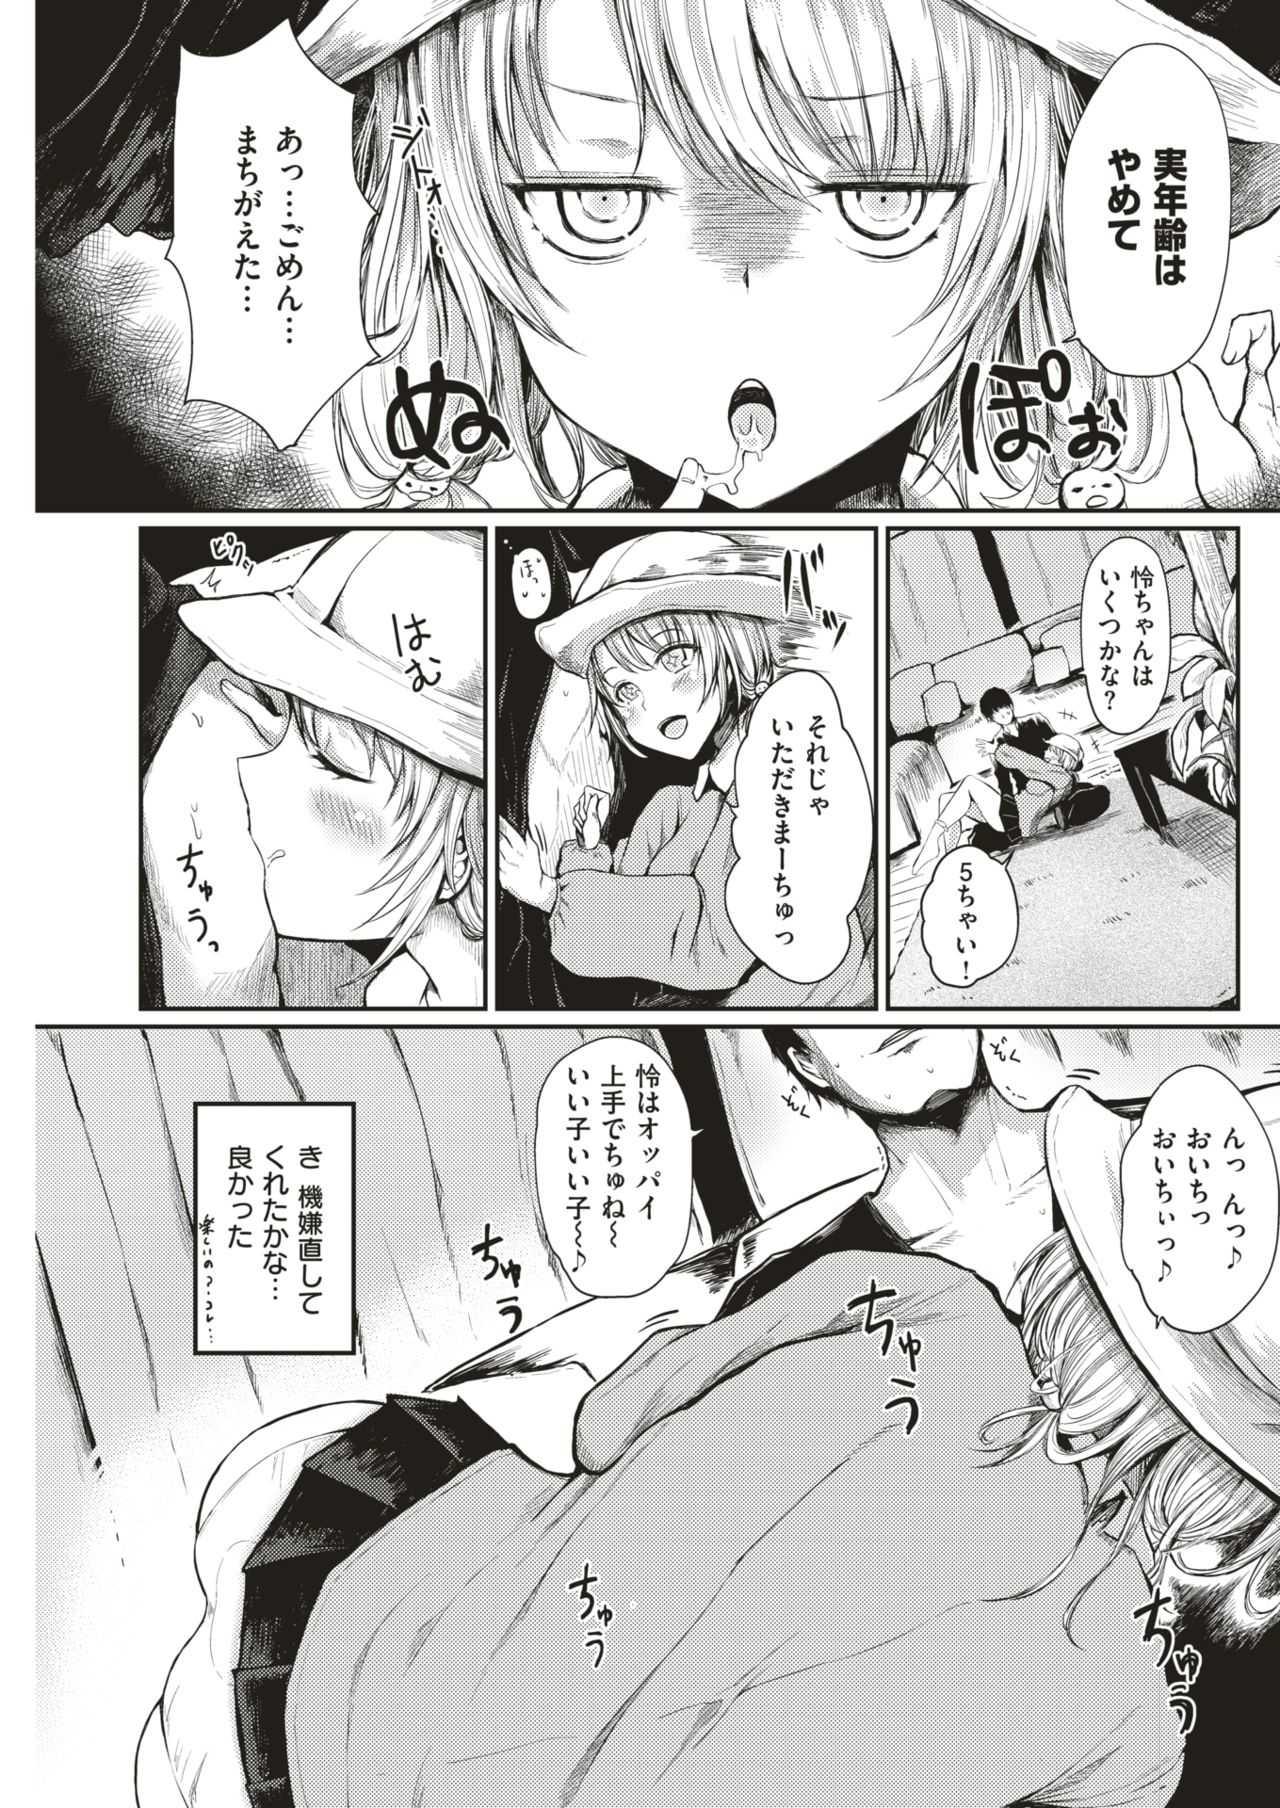 【エロ漫画】激務な奥さんのストレス発散方法は全力の幼児プレイwww